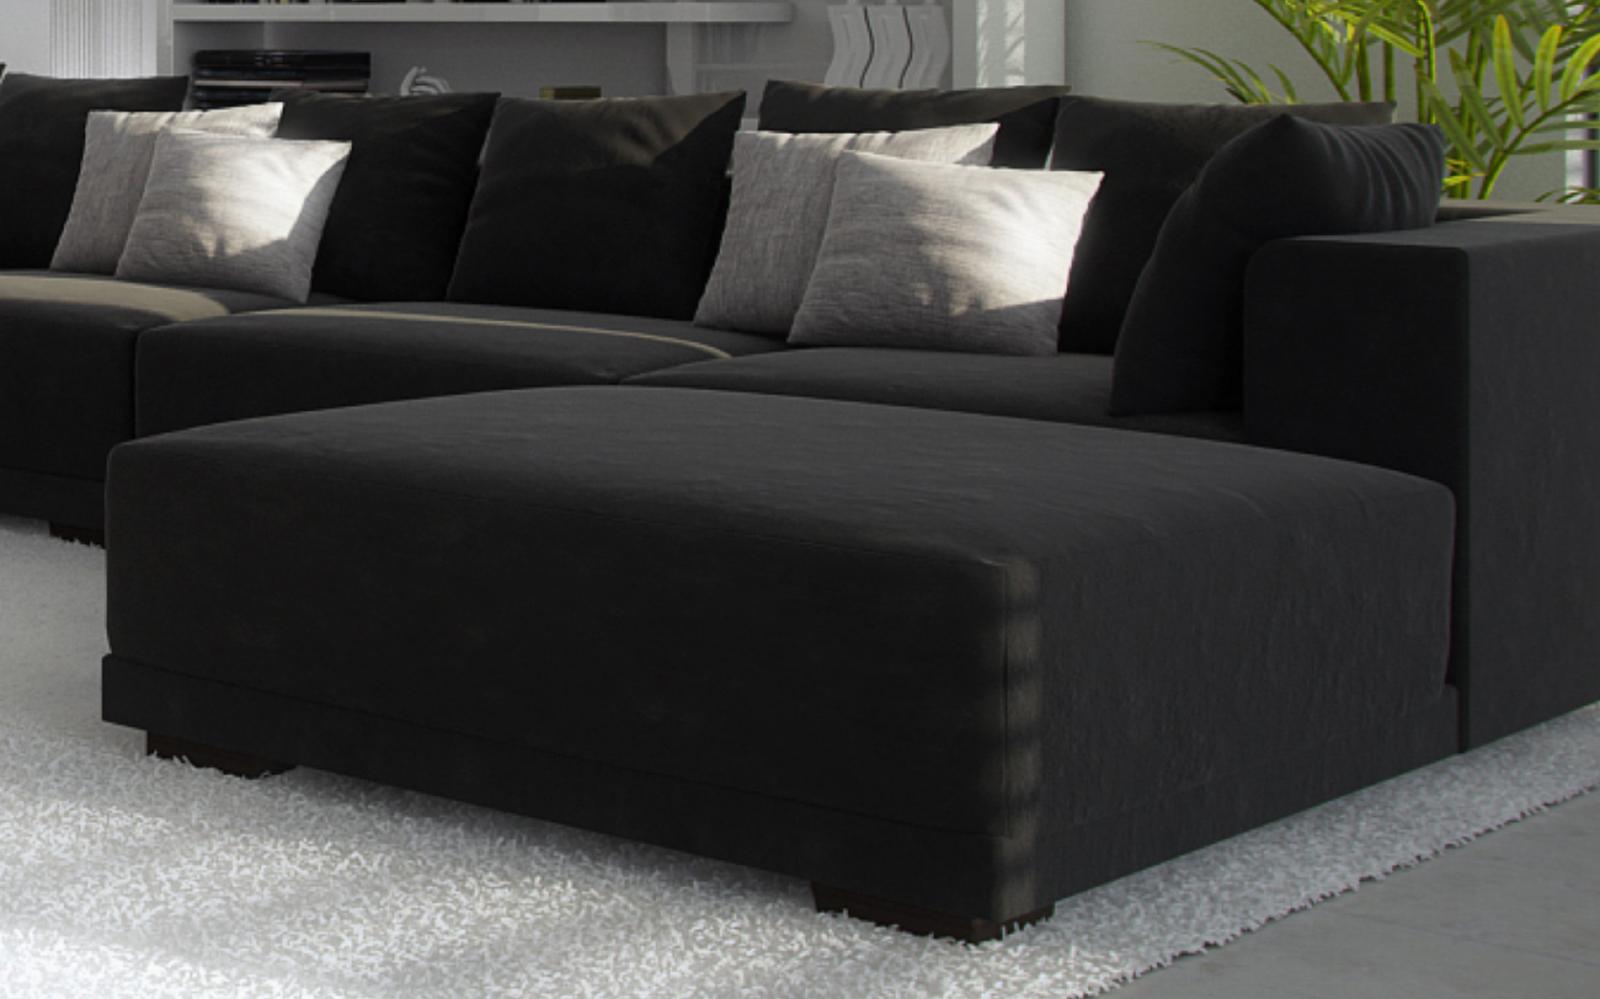 SALE Wohnzimmer Hocker passend zur Couch Anima schwarz